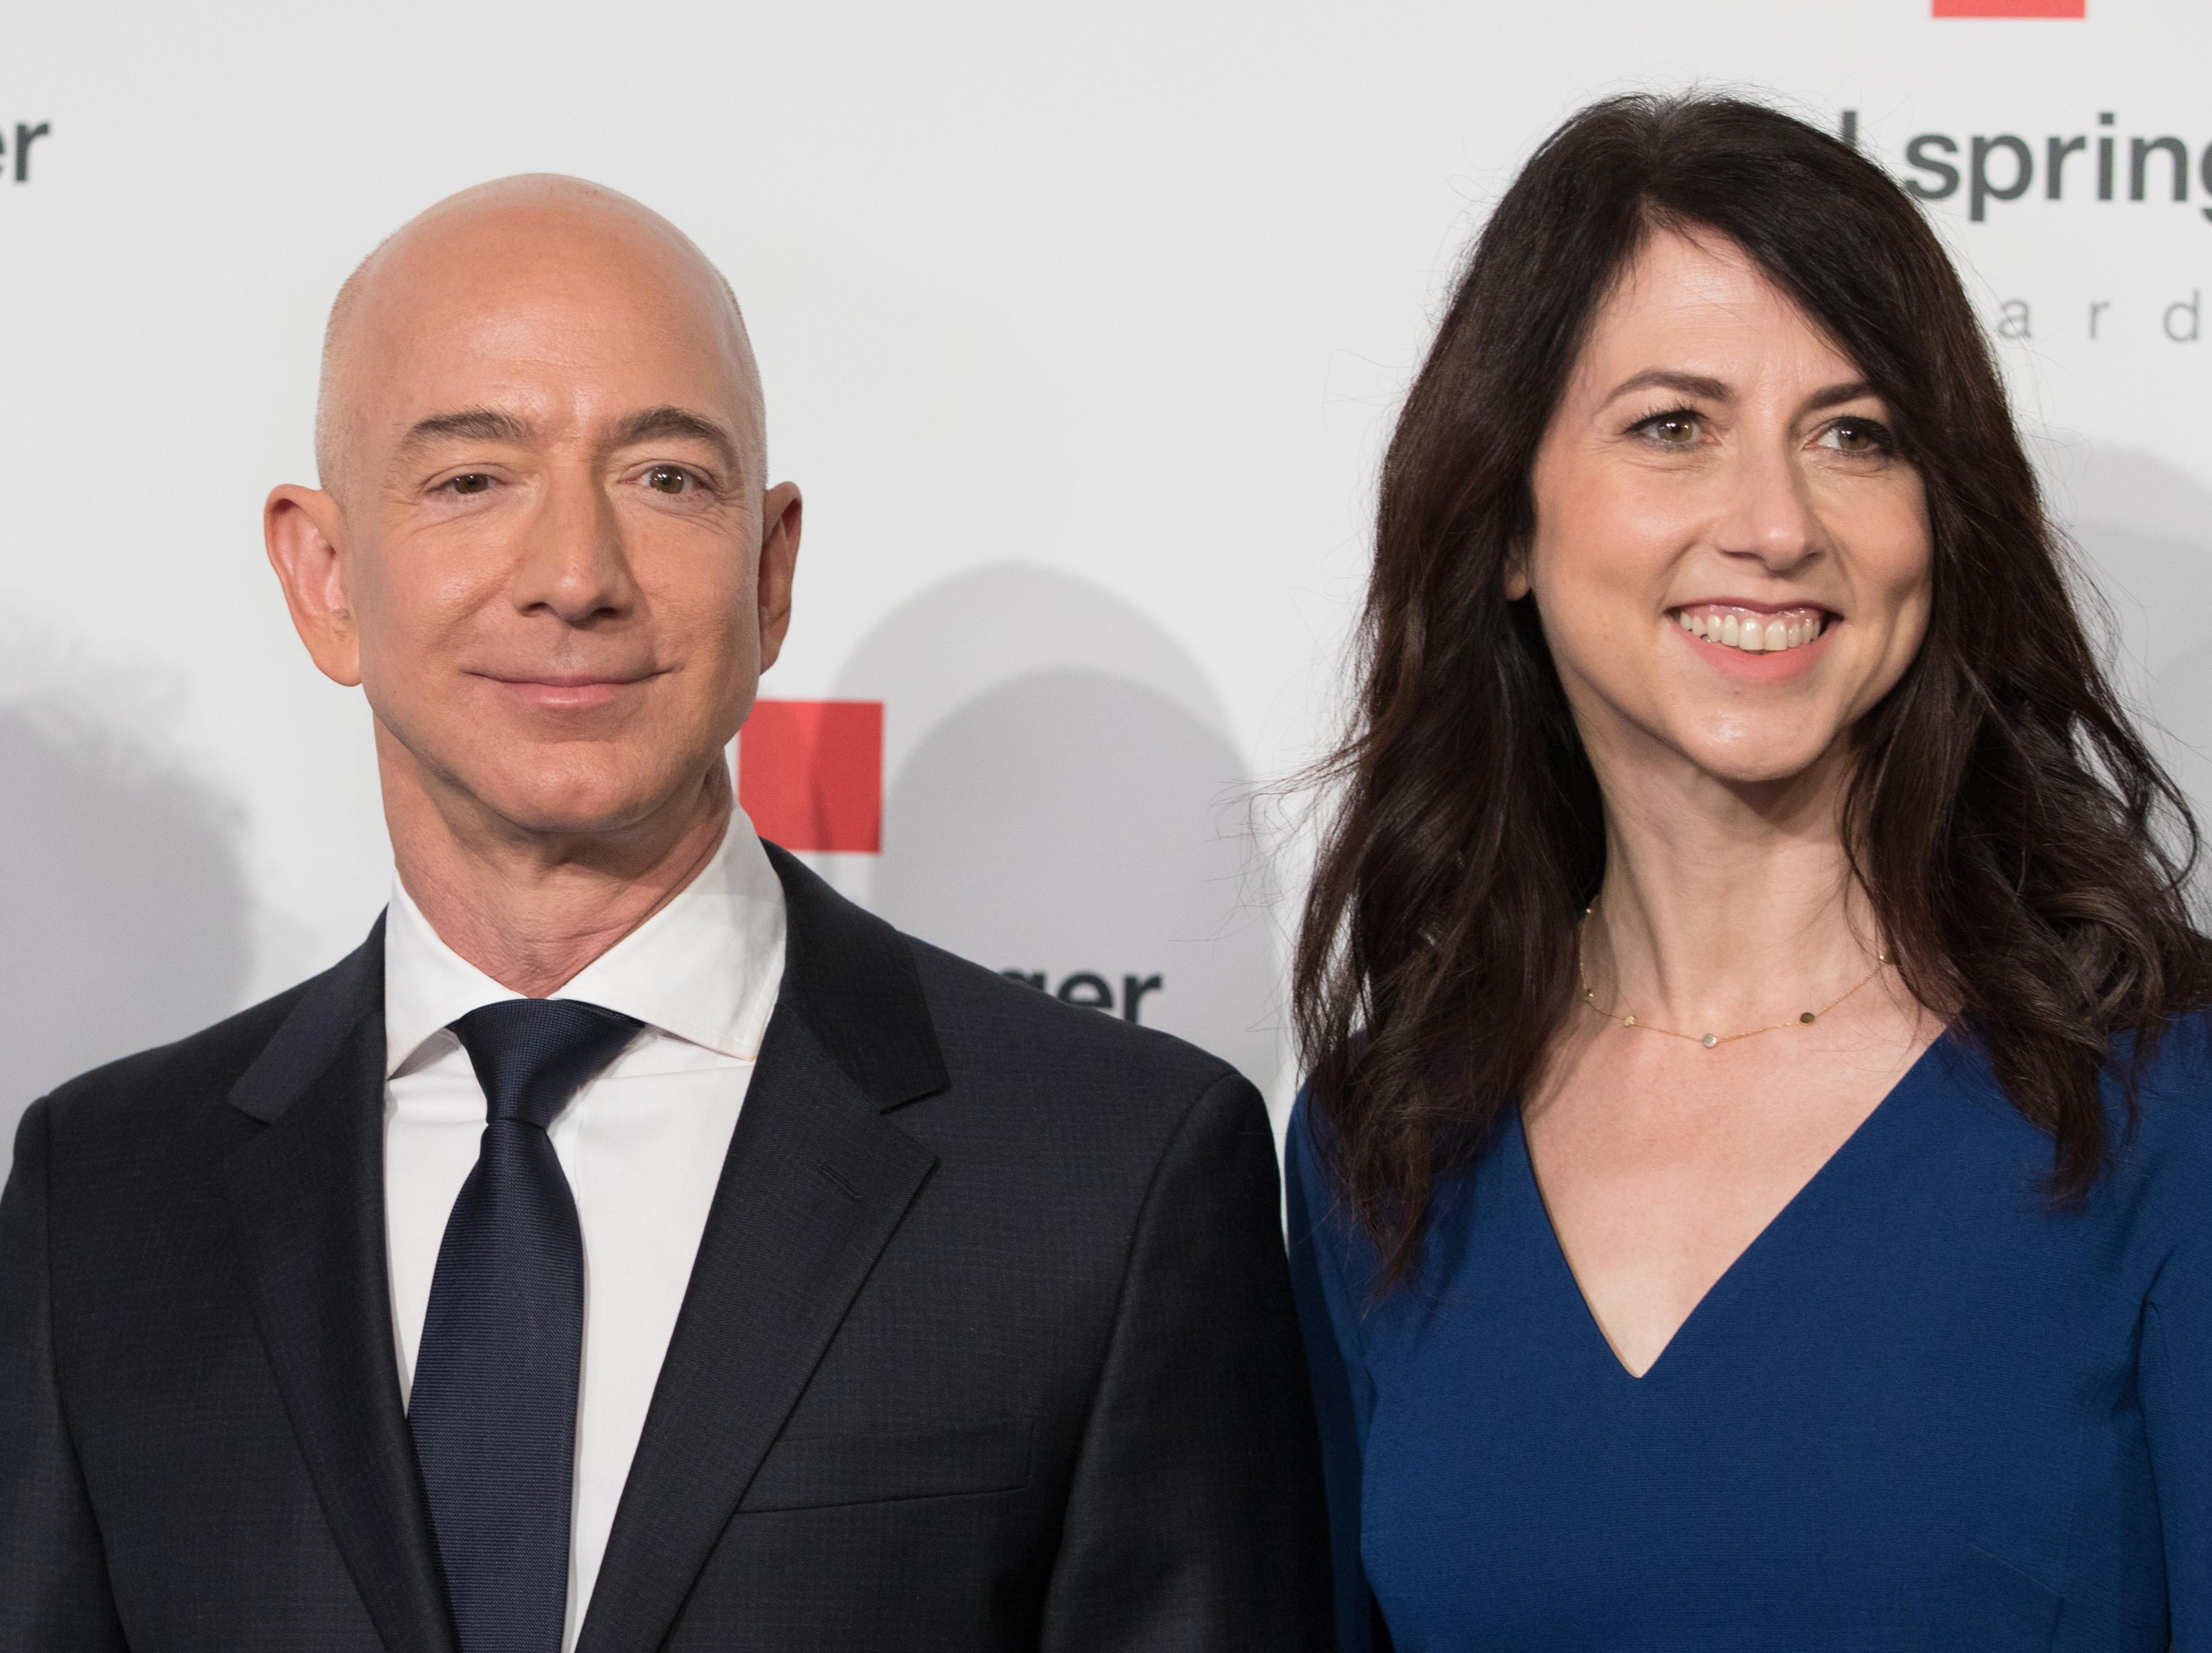 A bulvárlap most azt akarja elhitetni, hogy Jeff Bezos szeretőjének a bátyjától kapták meg a milliárdos pöcsfotóit